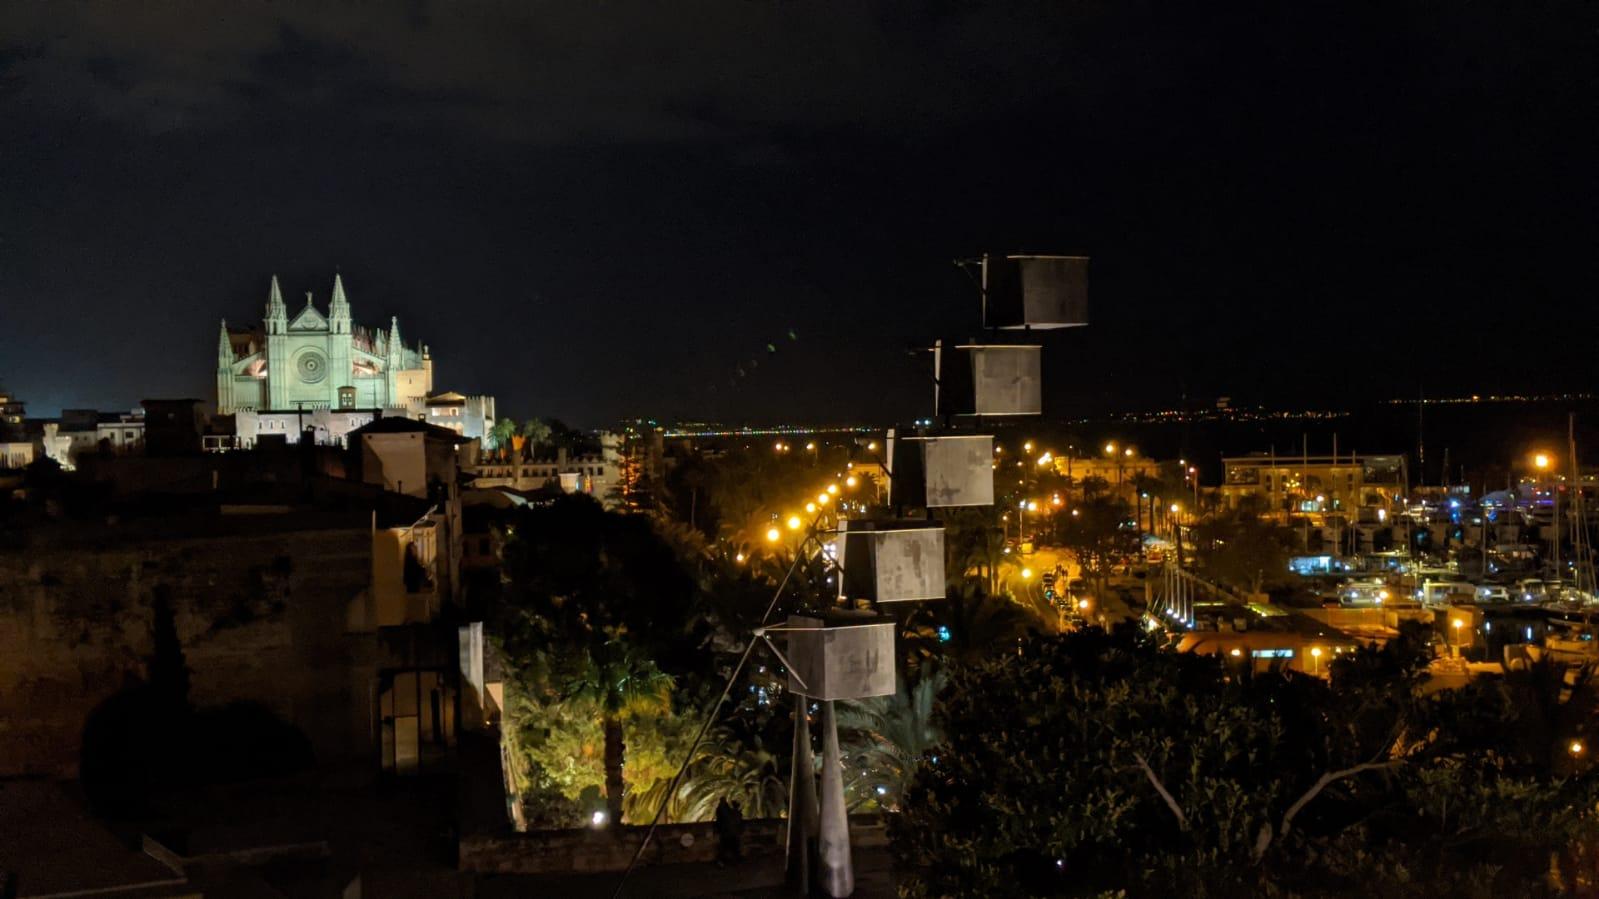 Panoramica notturna della città di Palma di Maiorca dalla terrazza del Museo Es Baluard. La cattedrale e il porto sullo sfondo.